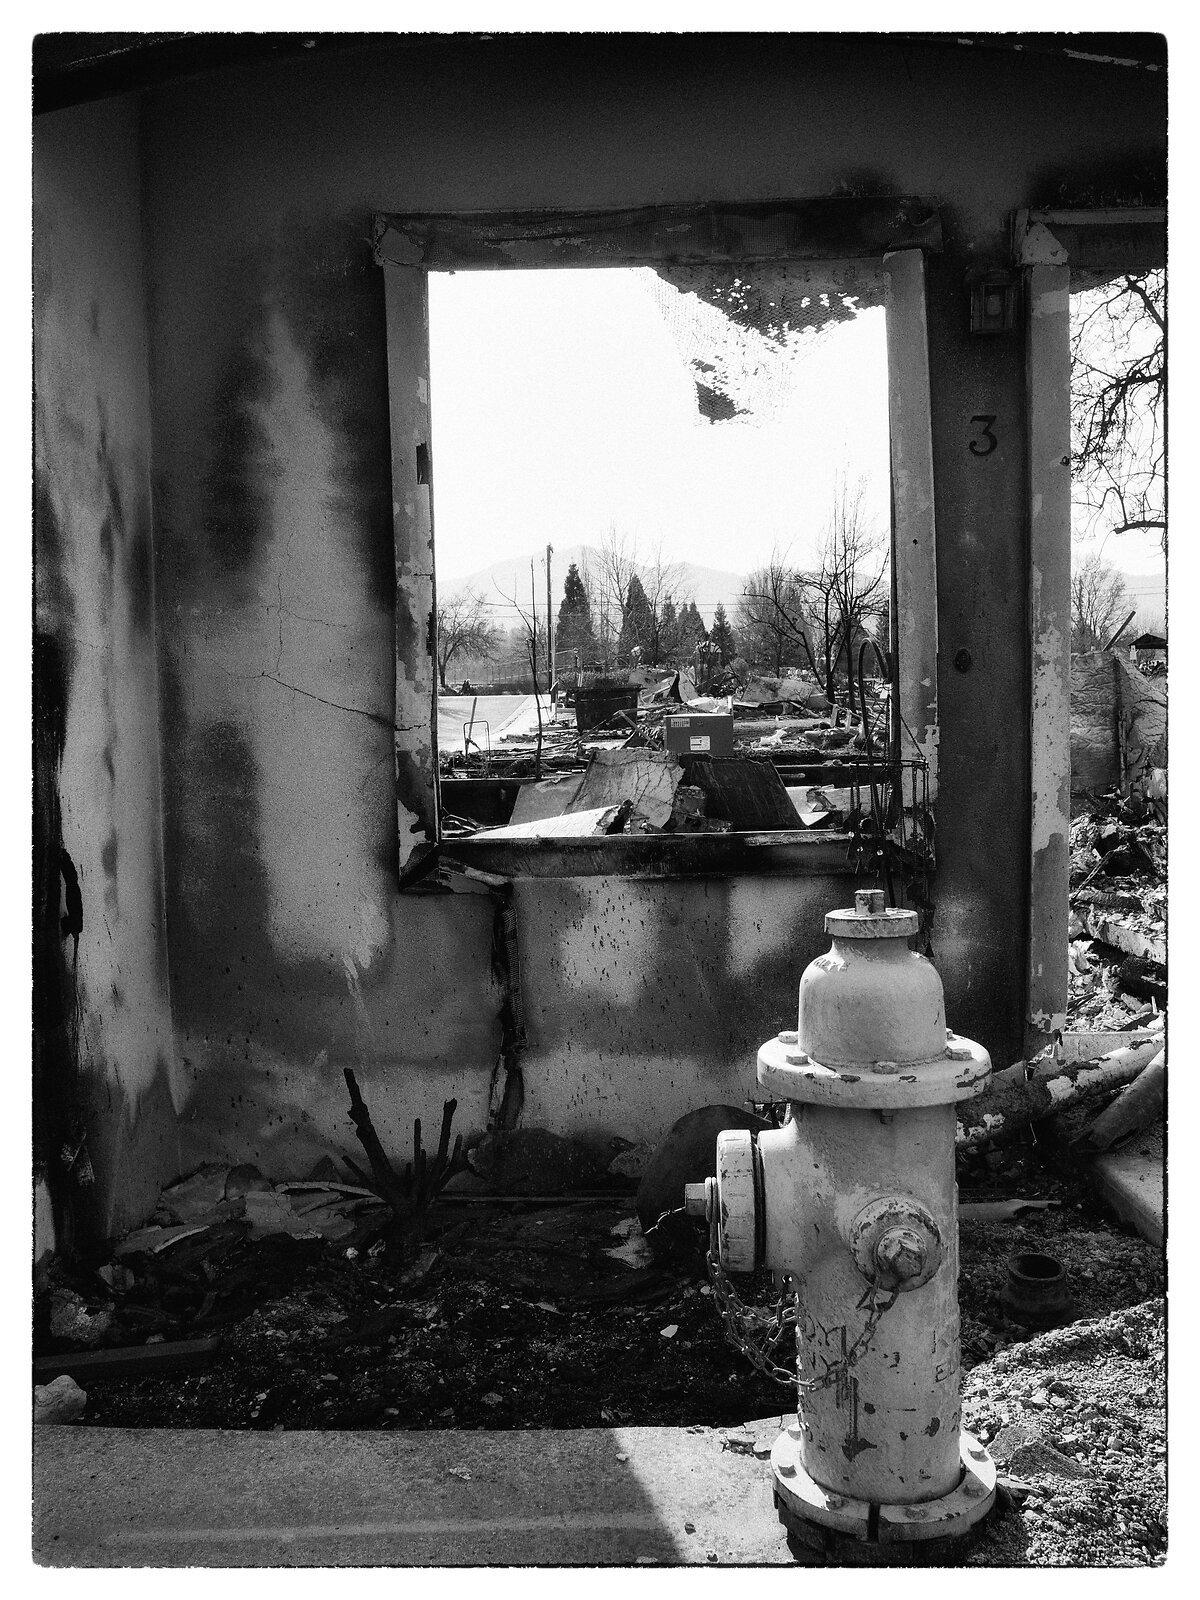 GX9_Feb10_21_burned_window+hydrant.jpg